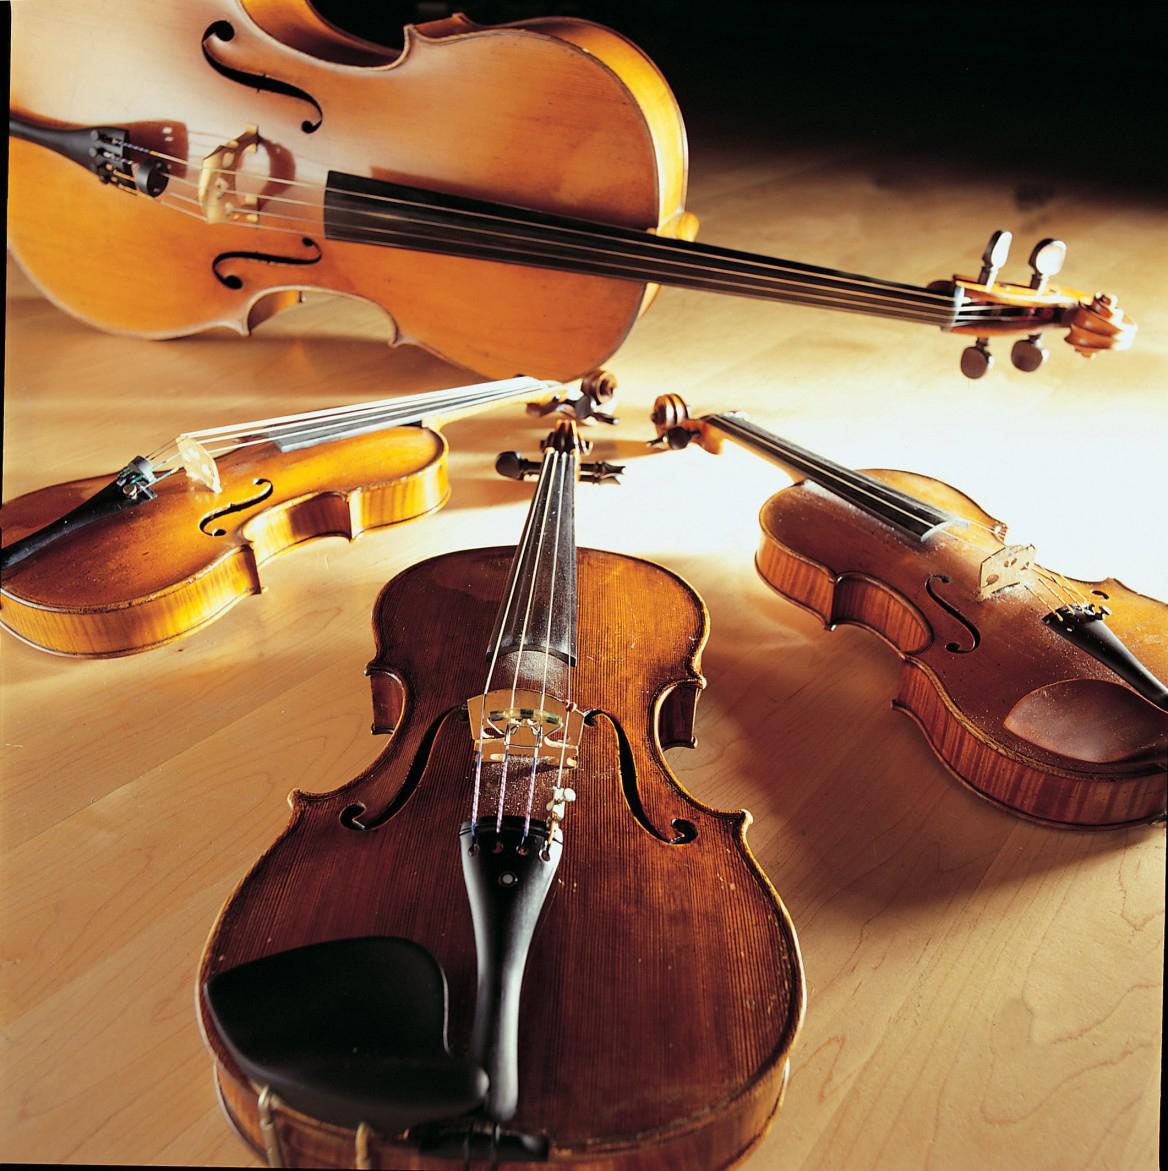 - Alexandra Ayoun Kim (cello), Jacob van der Sloot (viola), and Yaegy Park (violin)Beethoven String Trio Op. 9 in G MajorMozart Violin & Viola Duo in G Major K423Allemande and Courante from Bach Cello Suite No. 4$10 - $20